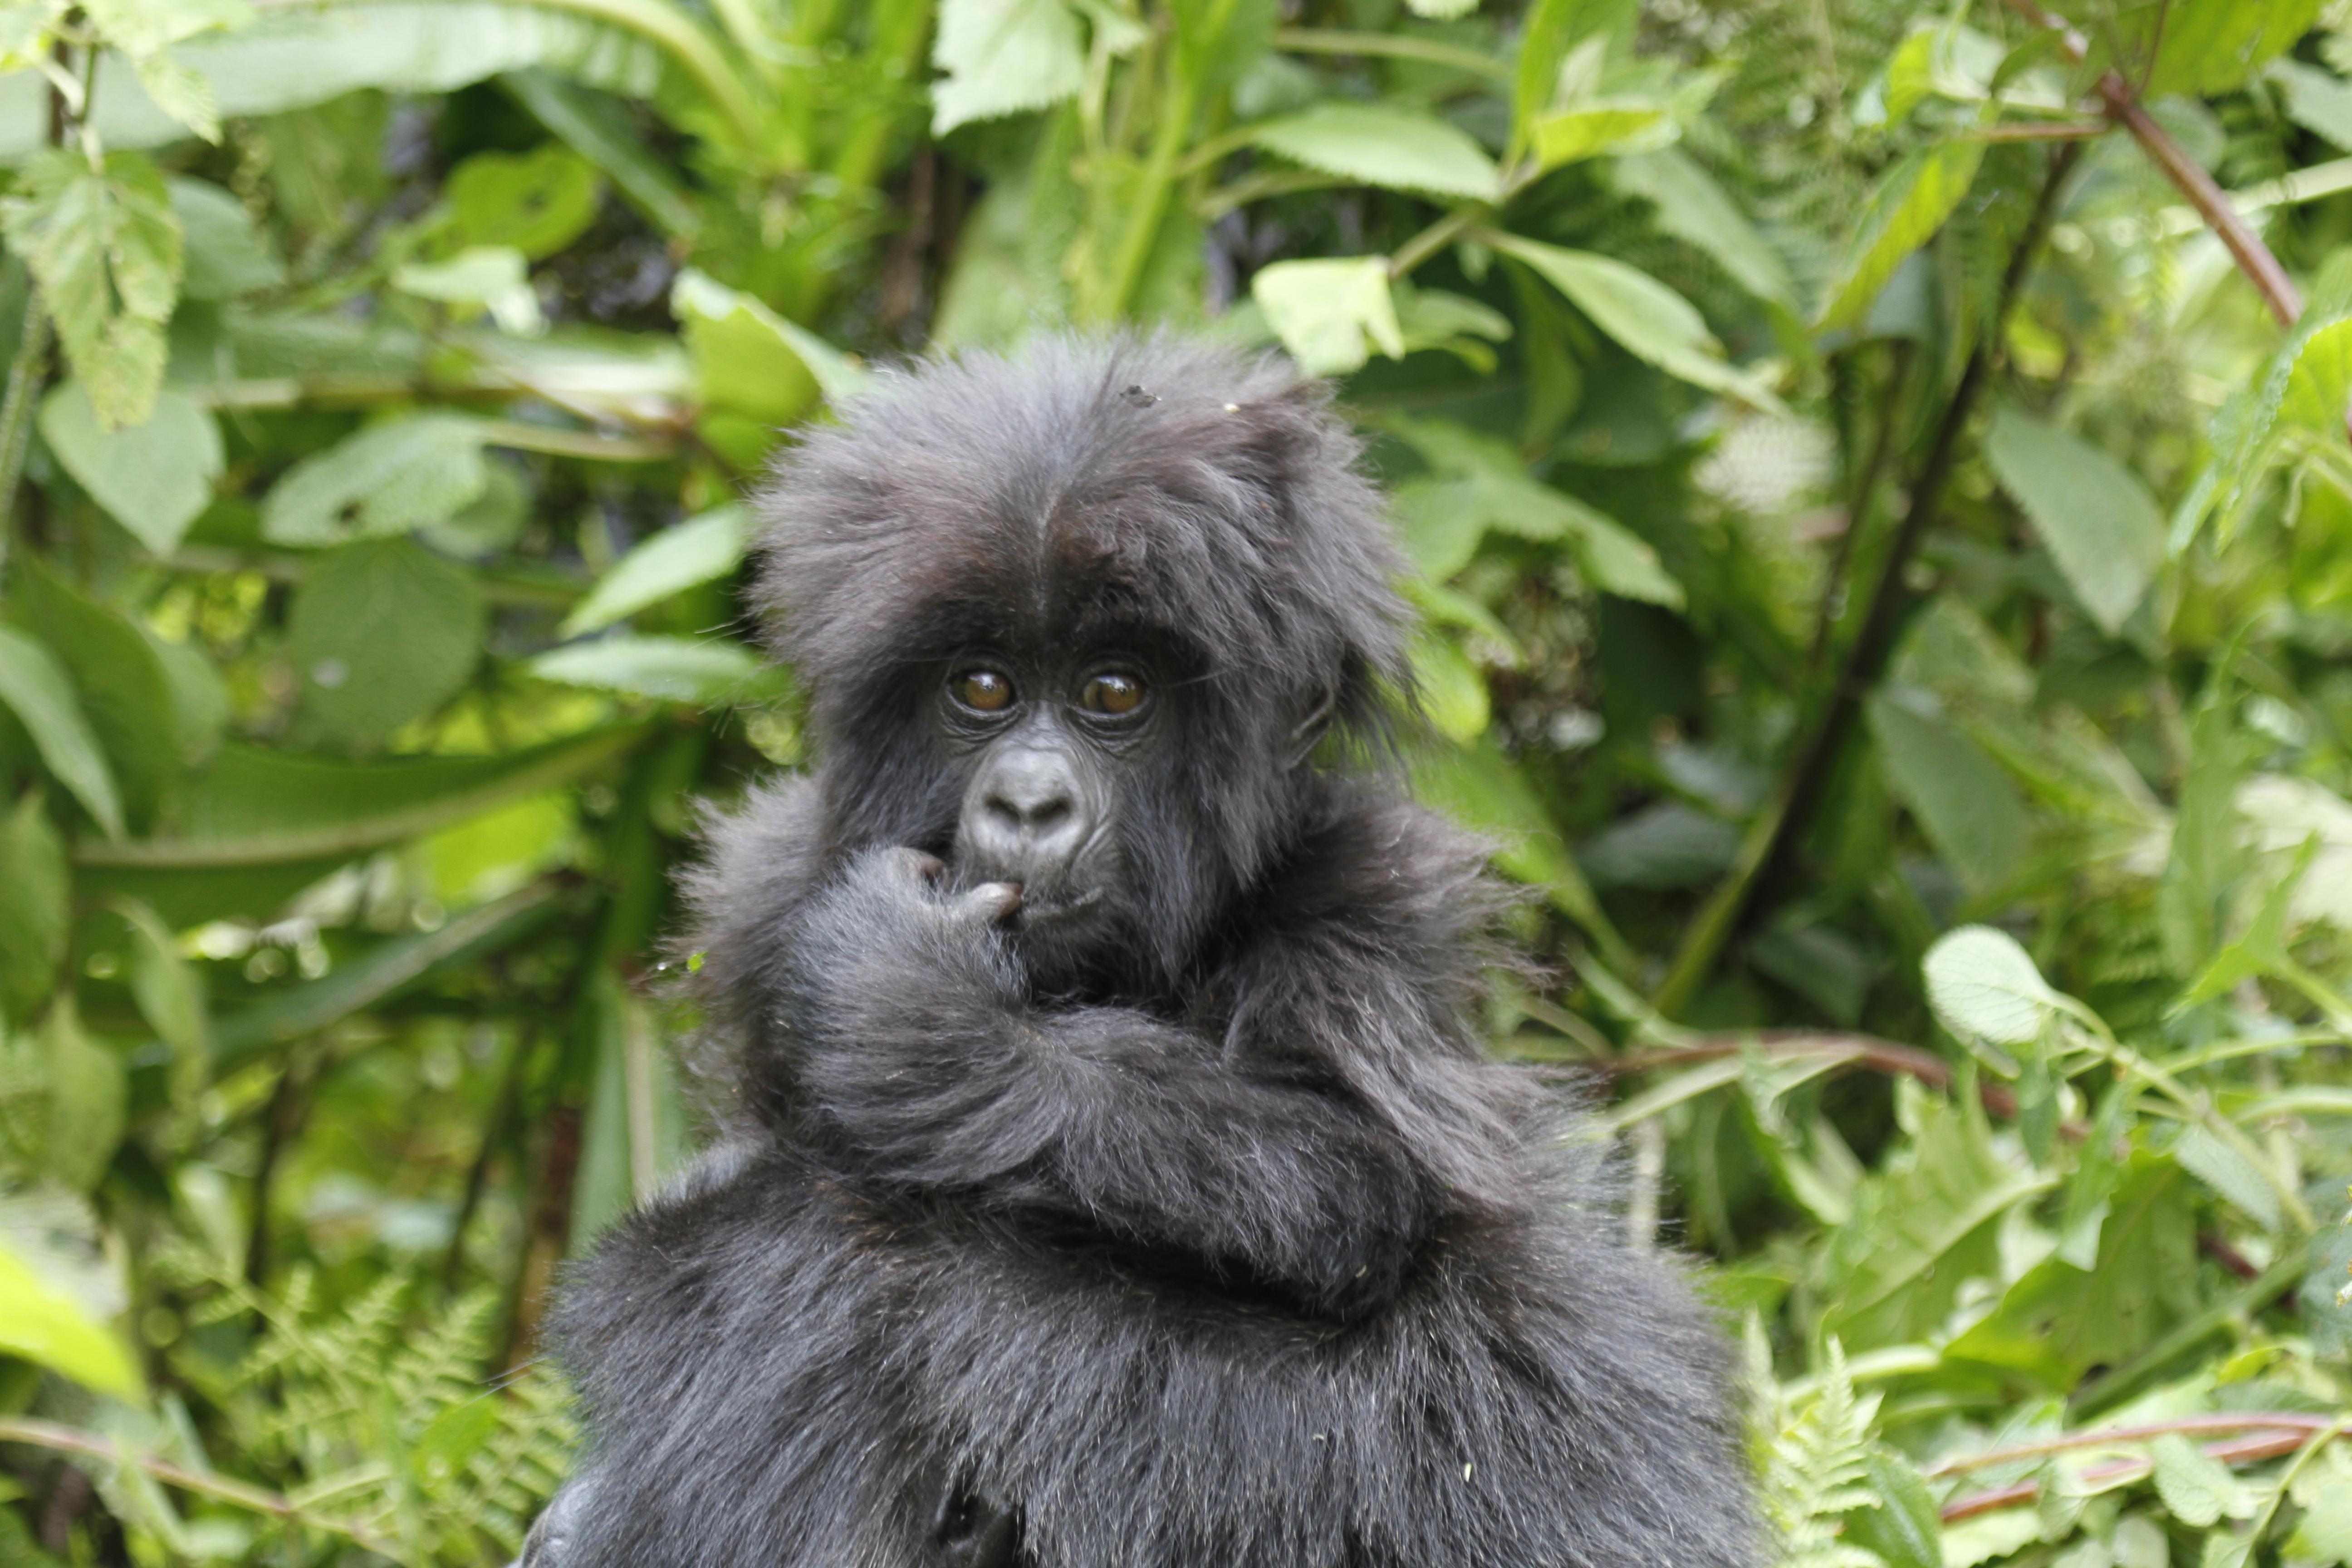 Gorilla trekking- Short gorilla trekking safaris in Uganda